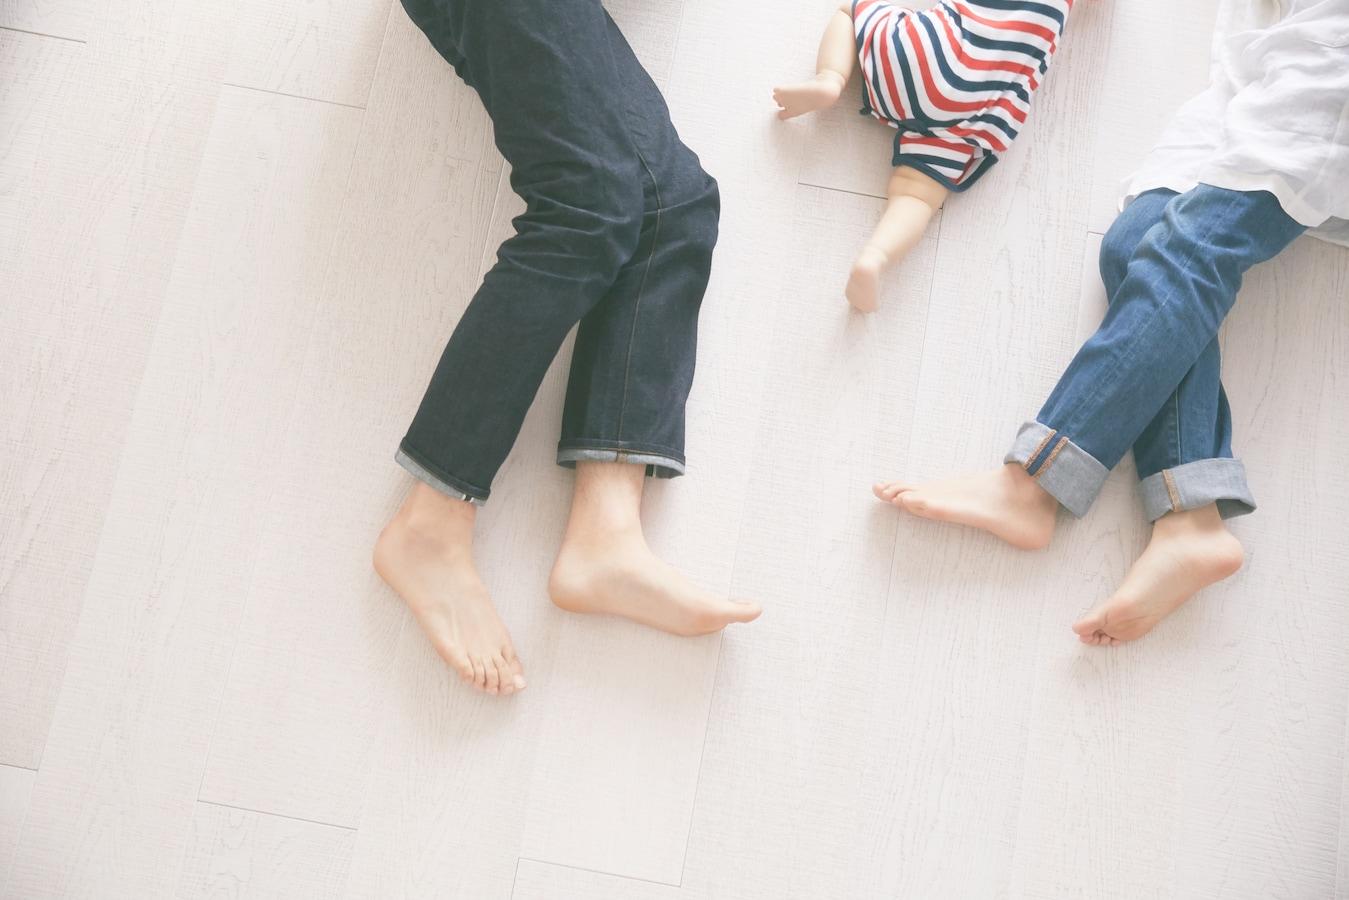 登 手足 親 させる 病 園 口 手足口病の際の登園・登校停止期間、プール、旅行の考え方と対応|アスクドクターズトピックス